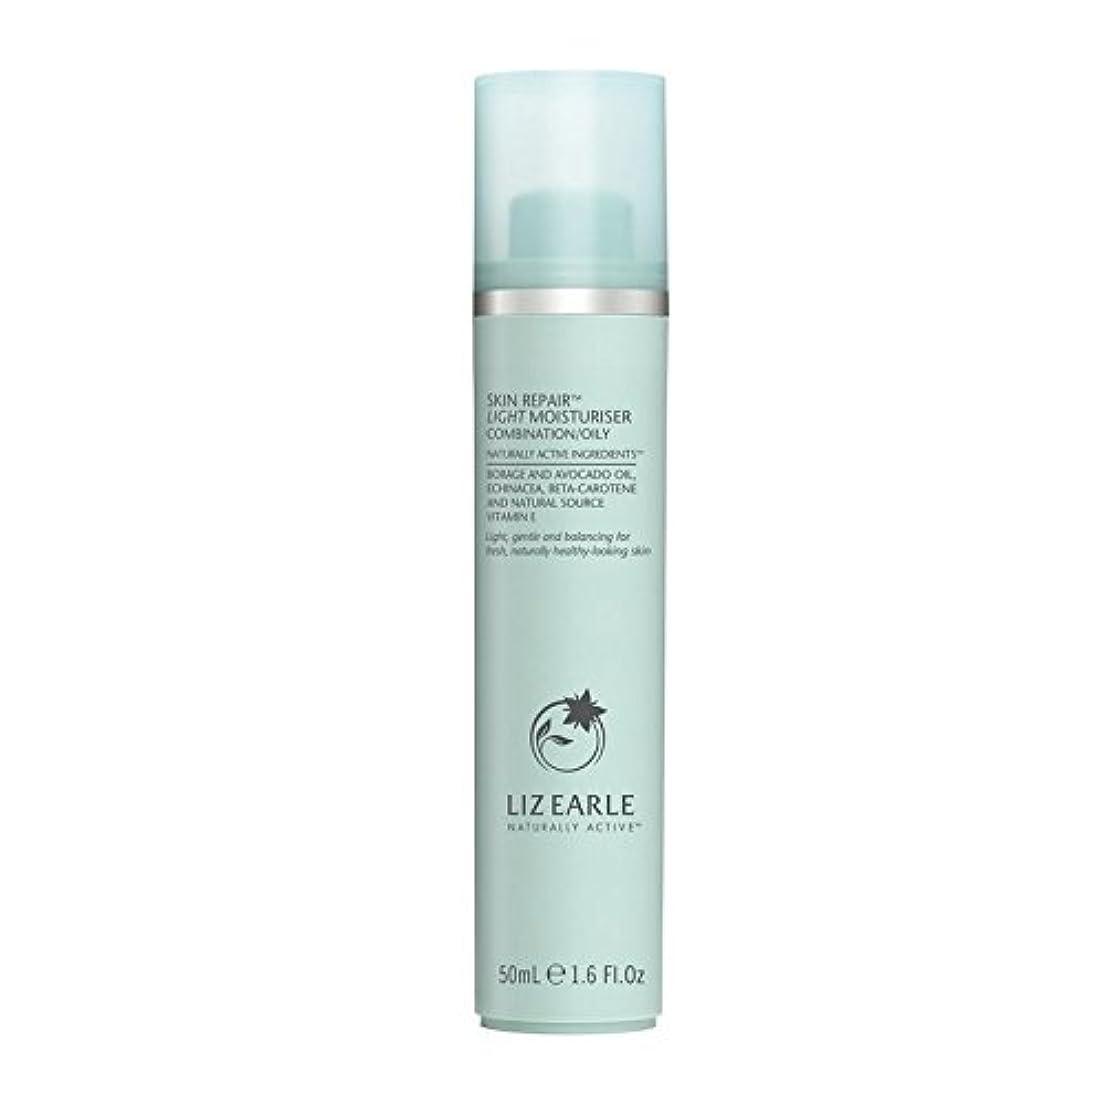 におい溶ける八百屋さんリズアールスキンリペア光の保湿剤の組み合わせ/油性50ミリリットル x4 - Liz Earle Skin Repair Light Moisturiser Combination/Oily 50ml (Pack of...